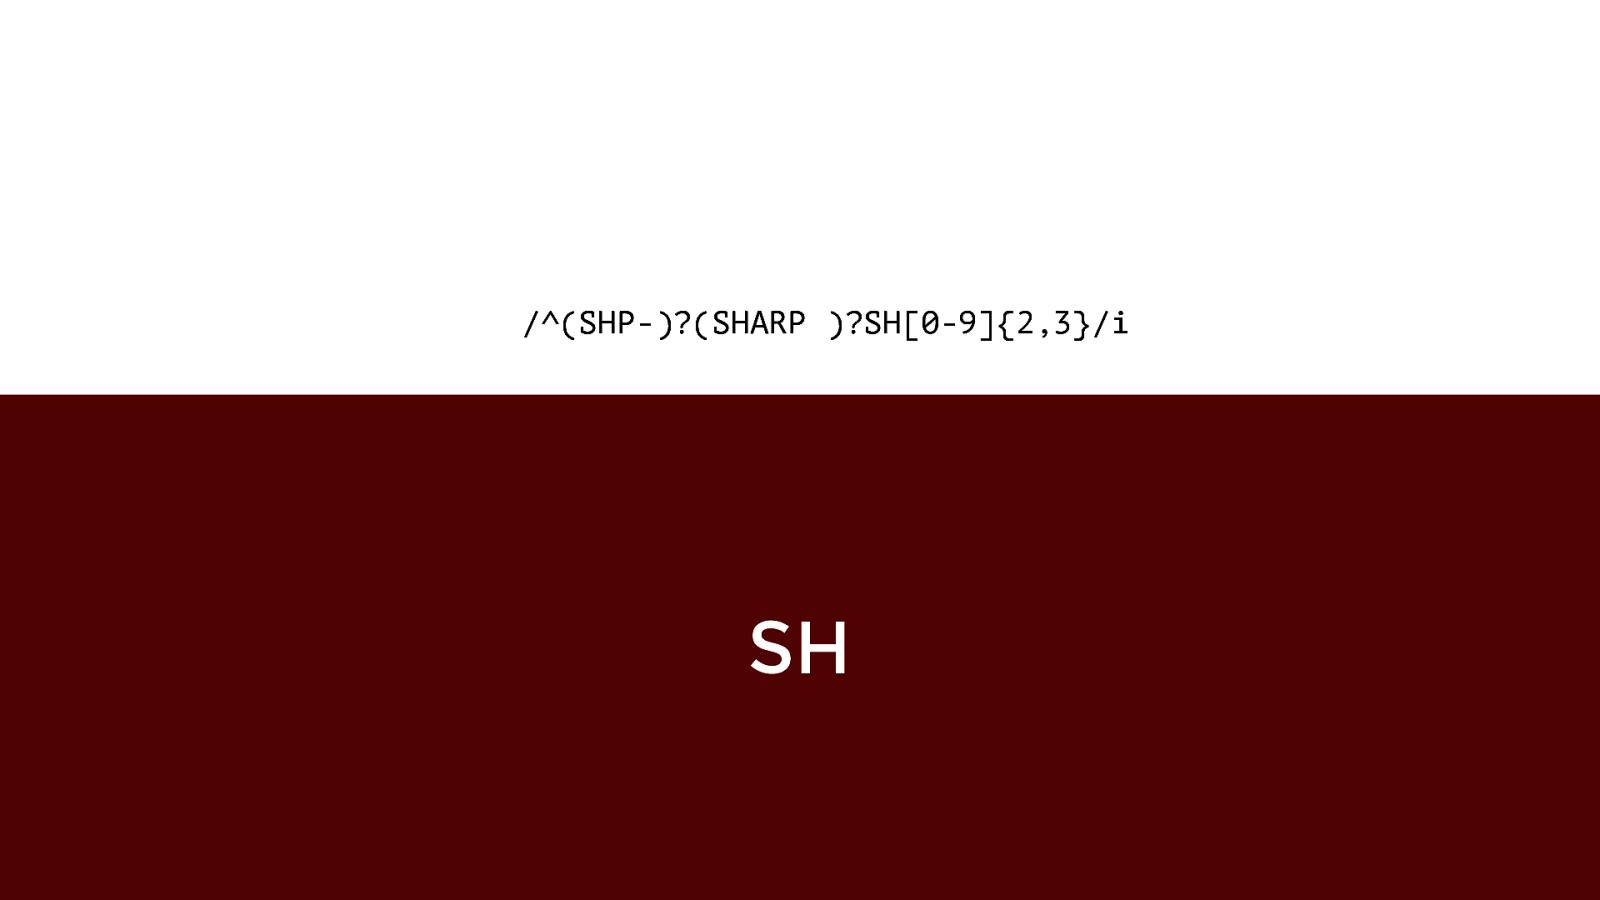 Slide 153